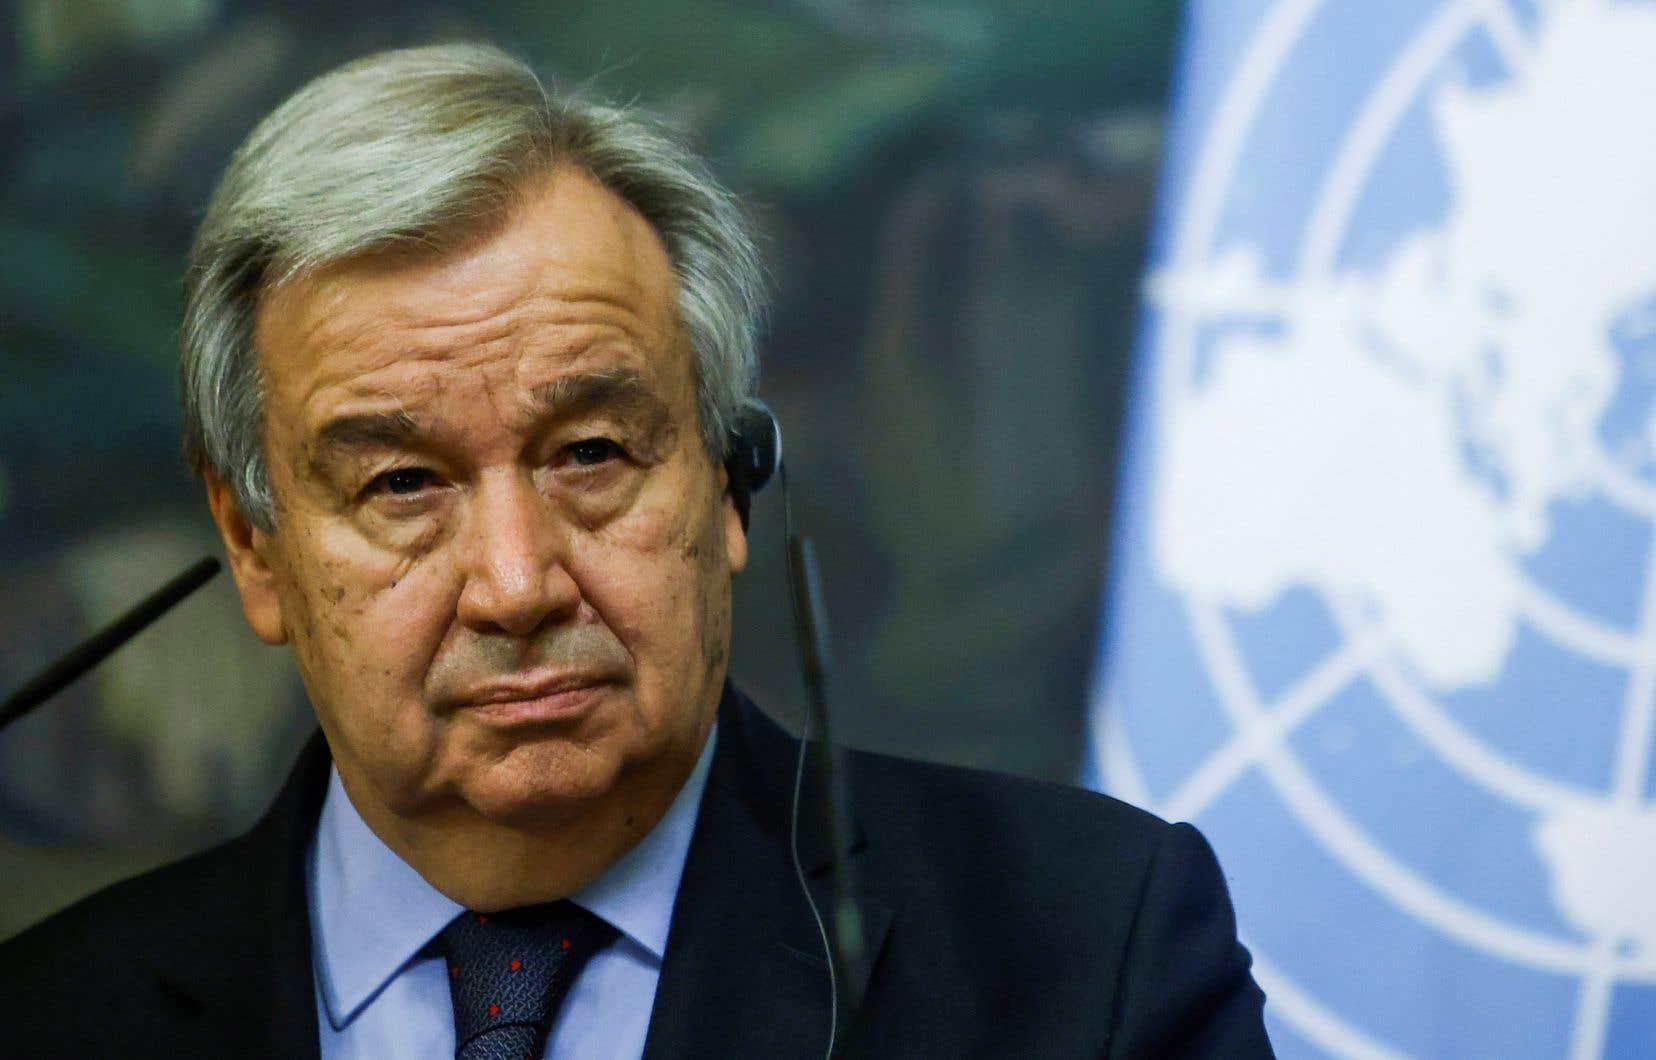 L'Assemblée générale a approuvé par acclamation et sans vote une résolution prolongeant le mandat de cinq ans d'Antonio Guterres.